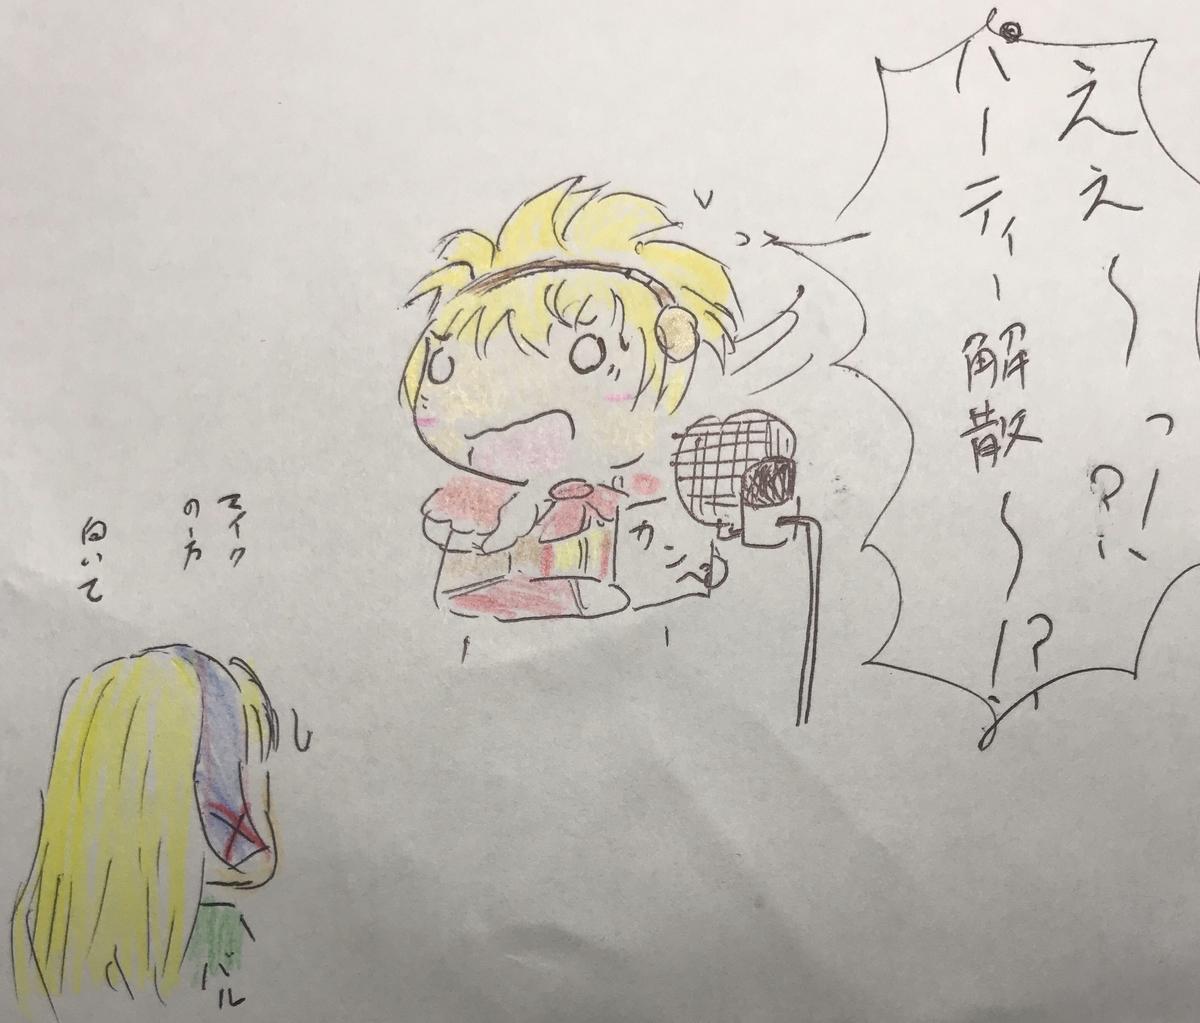 f:id:nushi-mon:20190812223616j:plain